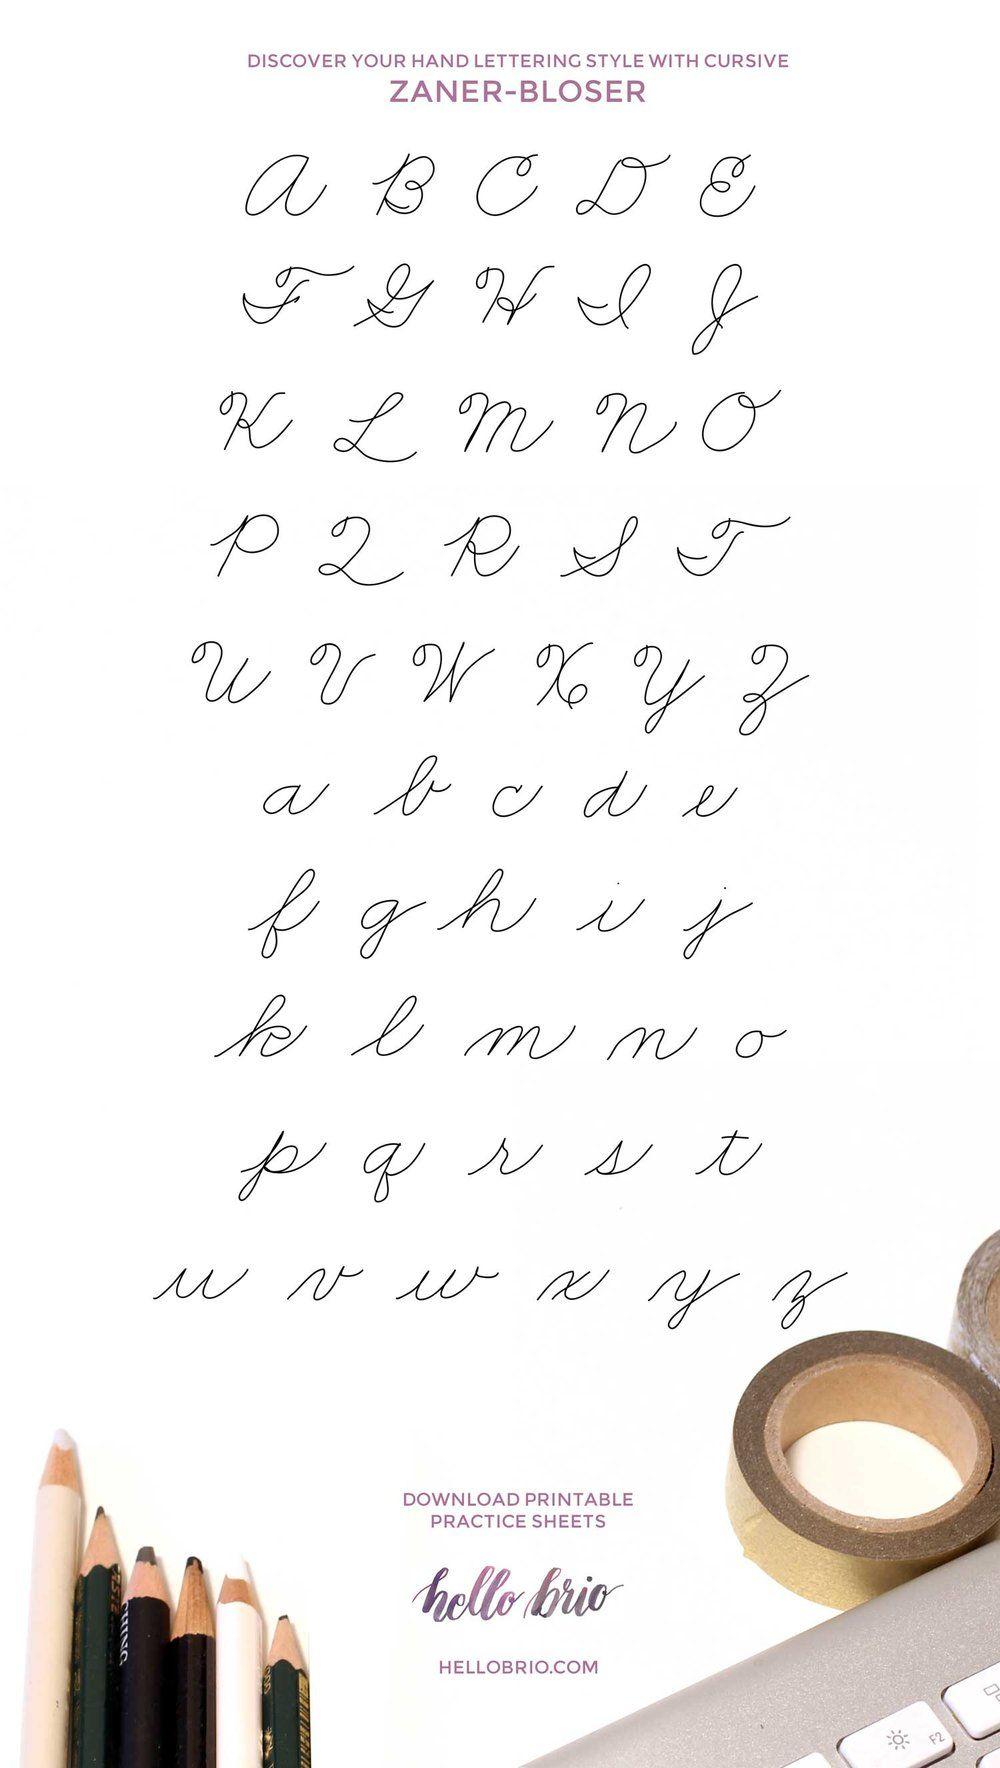 Types Of Cursive Writing To Practice Lettering League Estilos De Escritura A Mano Estilos De Letras Escritura A Mano Bonita